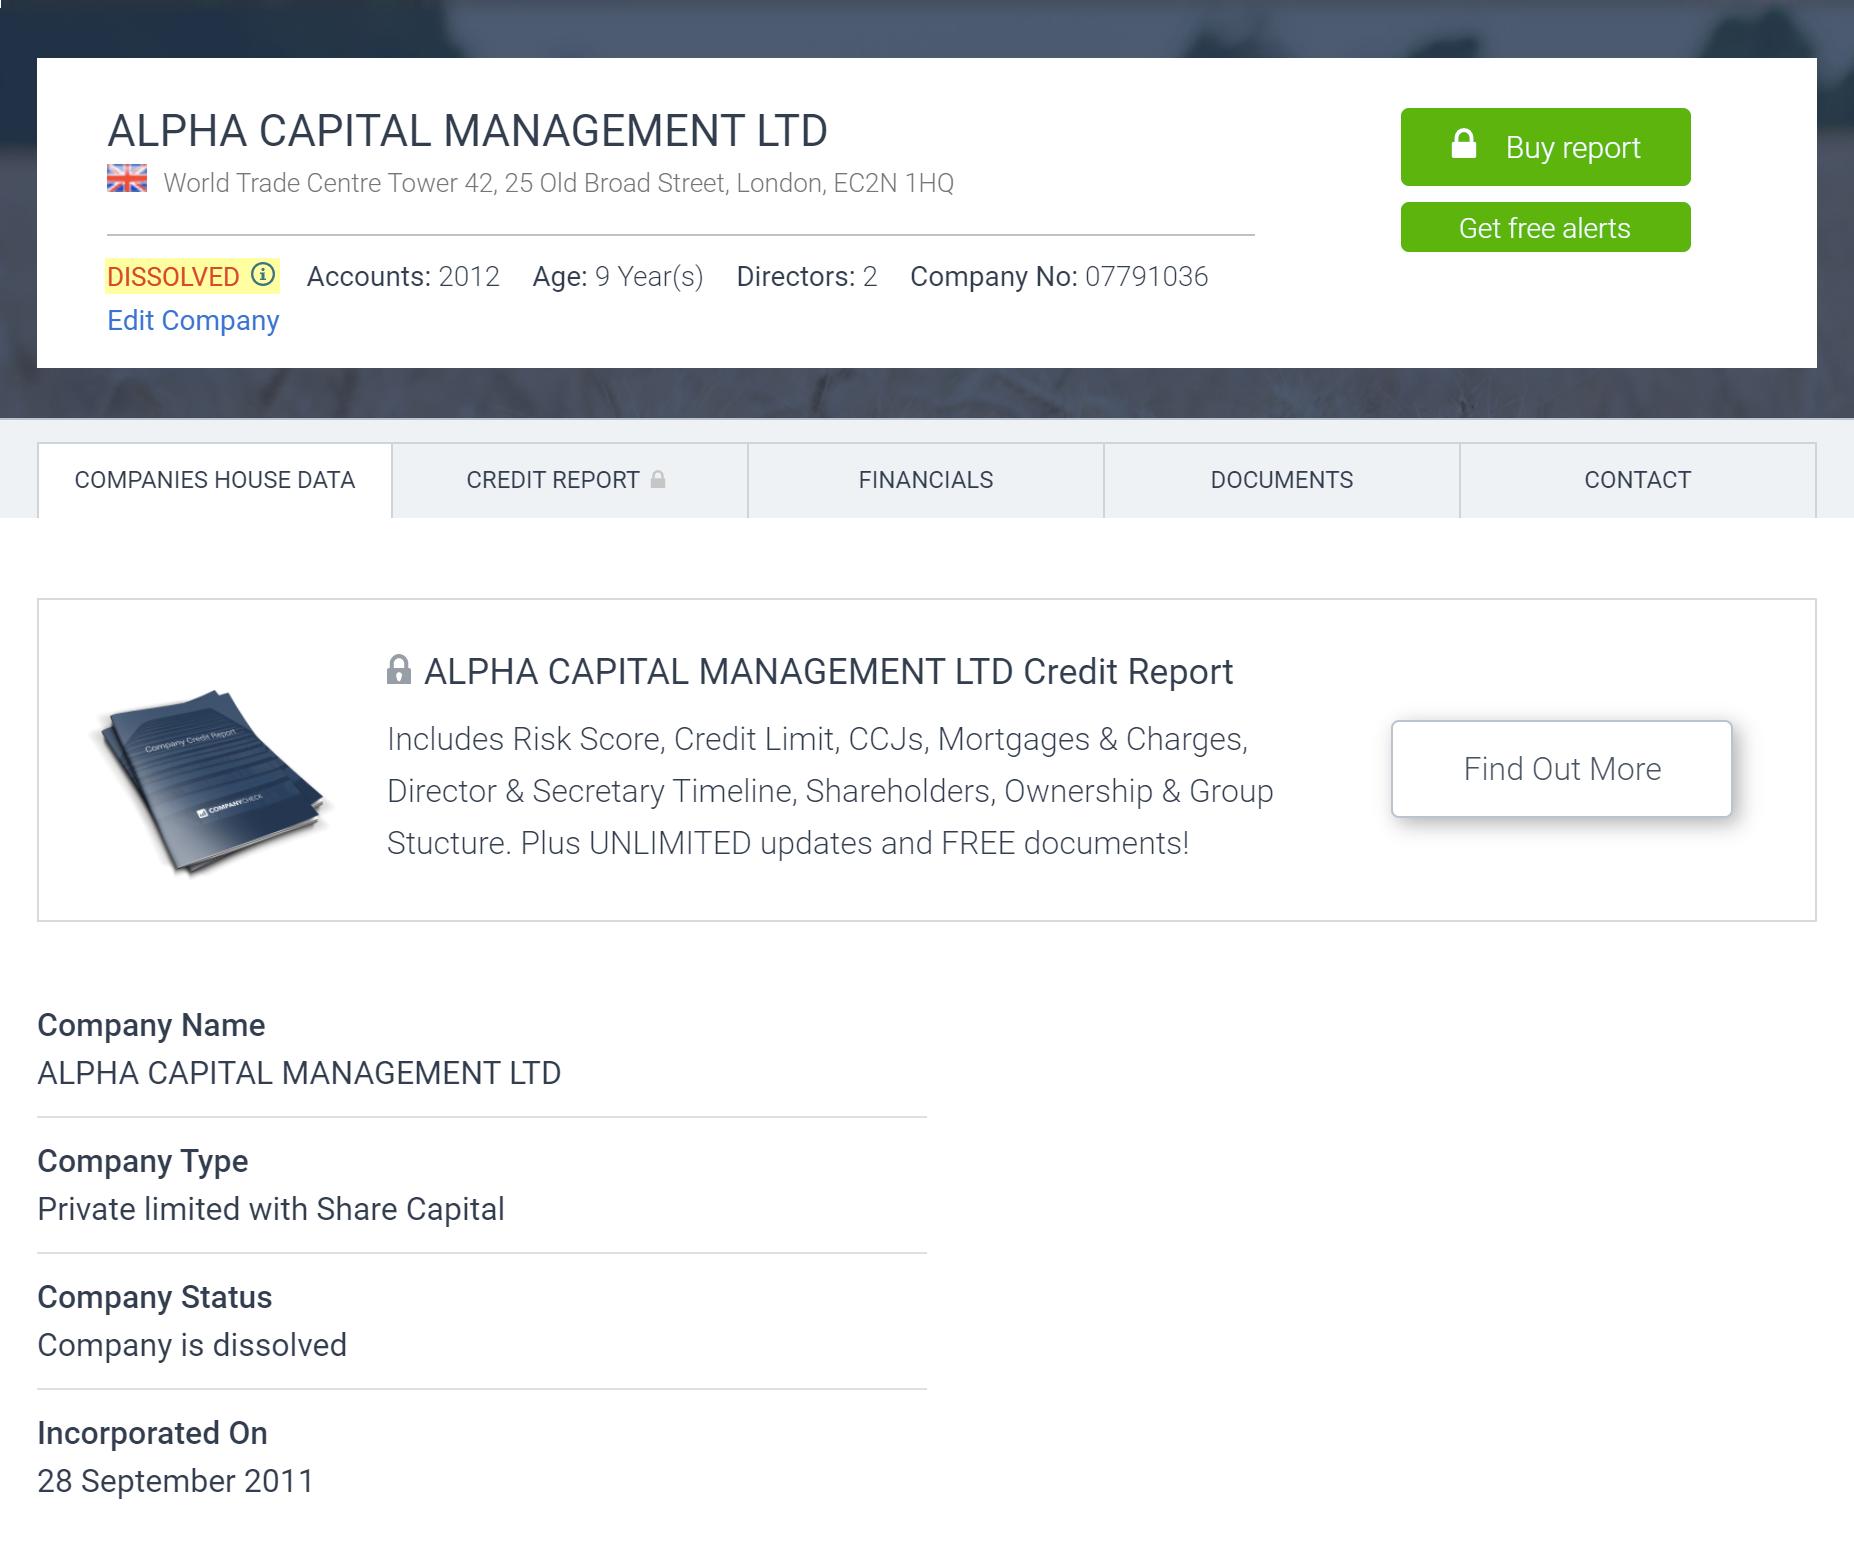 При этом компания Alpha Capital Management, которая значится в списке должностных лиц ATT Investments, уже ликвидирована